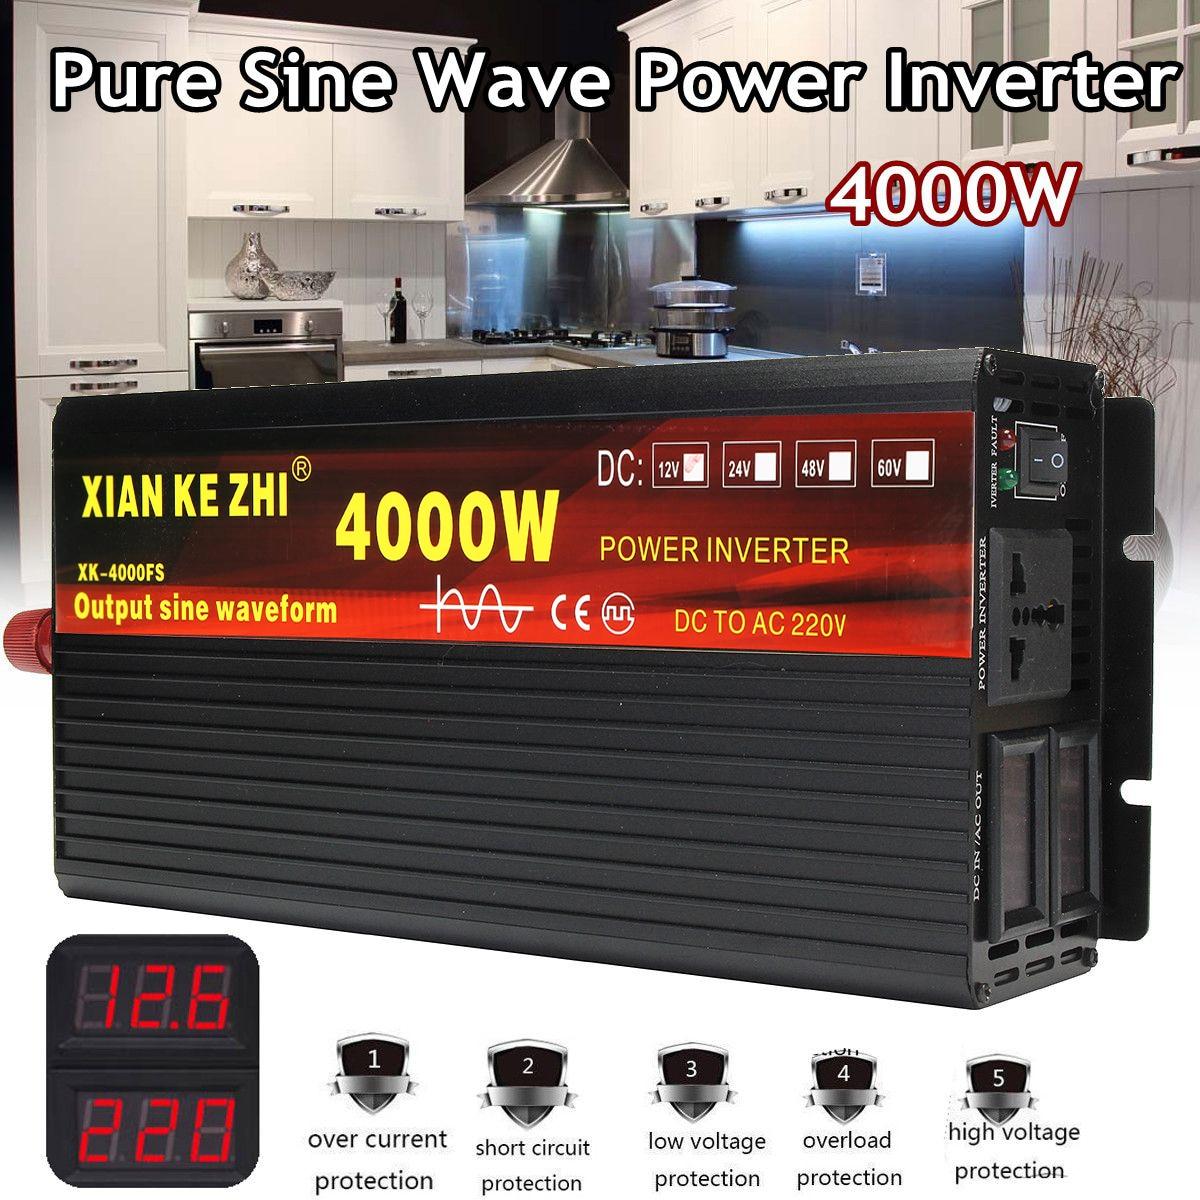 Inwerter 12 V/24 V 220V 2000/3000/4000W transformator napięcia czysta fala sinusoidalna przetwornica napięcia DC12V na AC 220V konwerter + 2 LED wyświetlacz